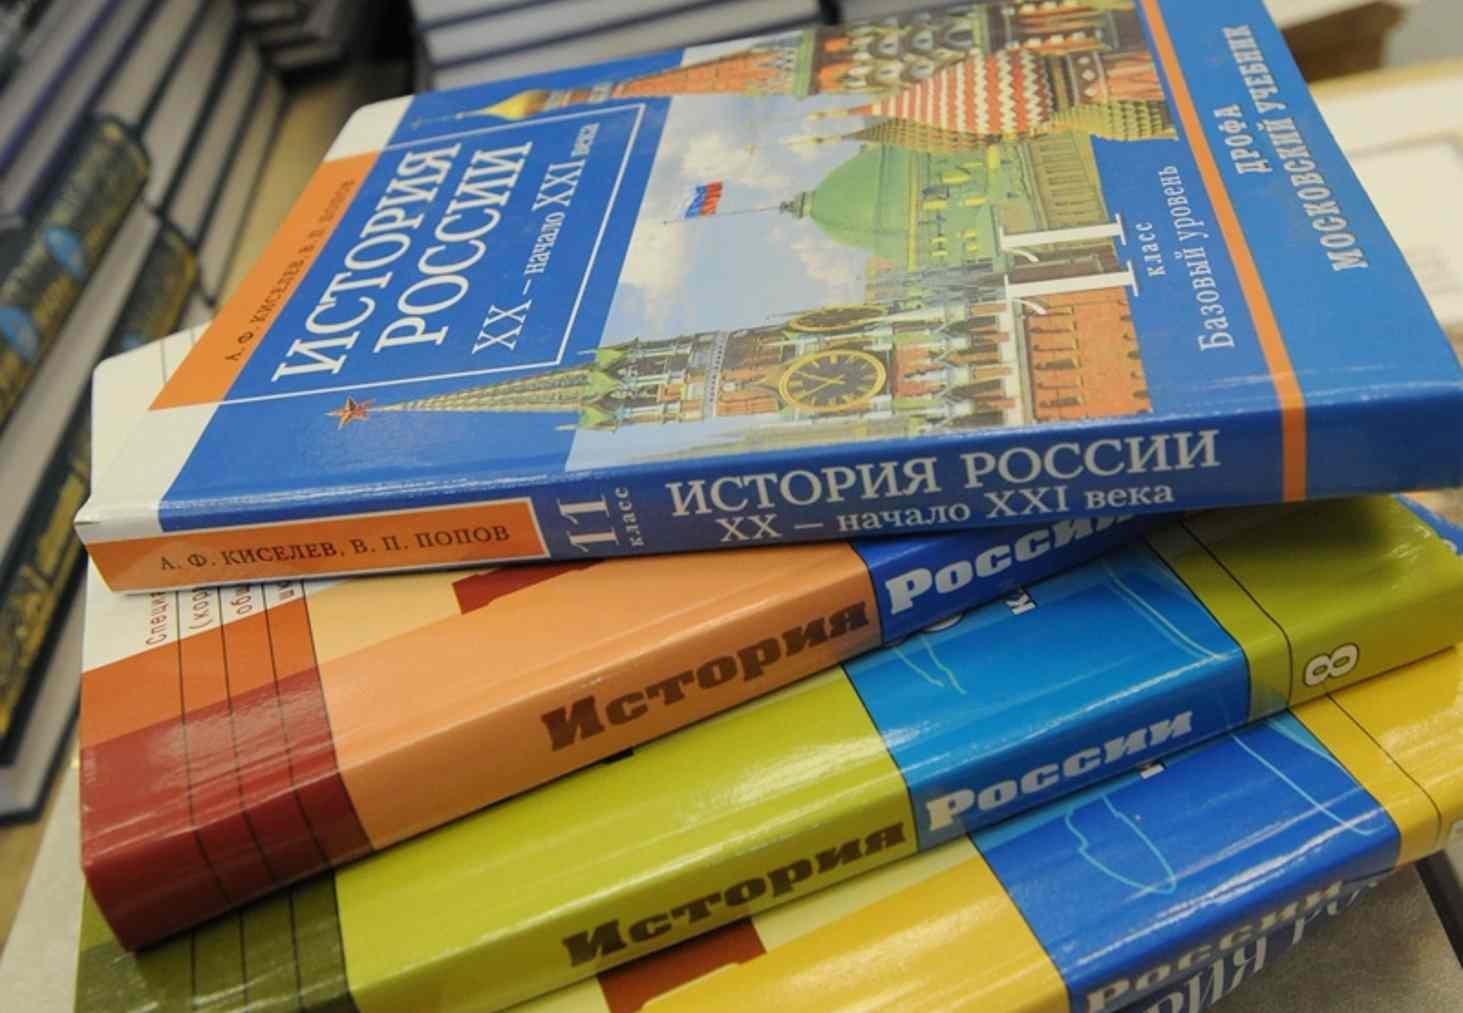 olga-vasileva-ege-po-istorii-rossii-mozhet-stat-obyazatelnym-posle-2022-goda